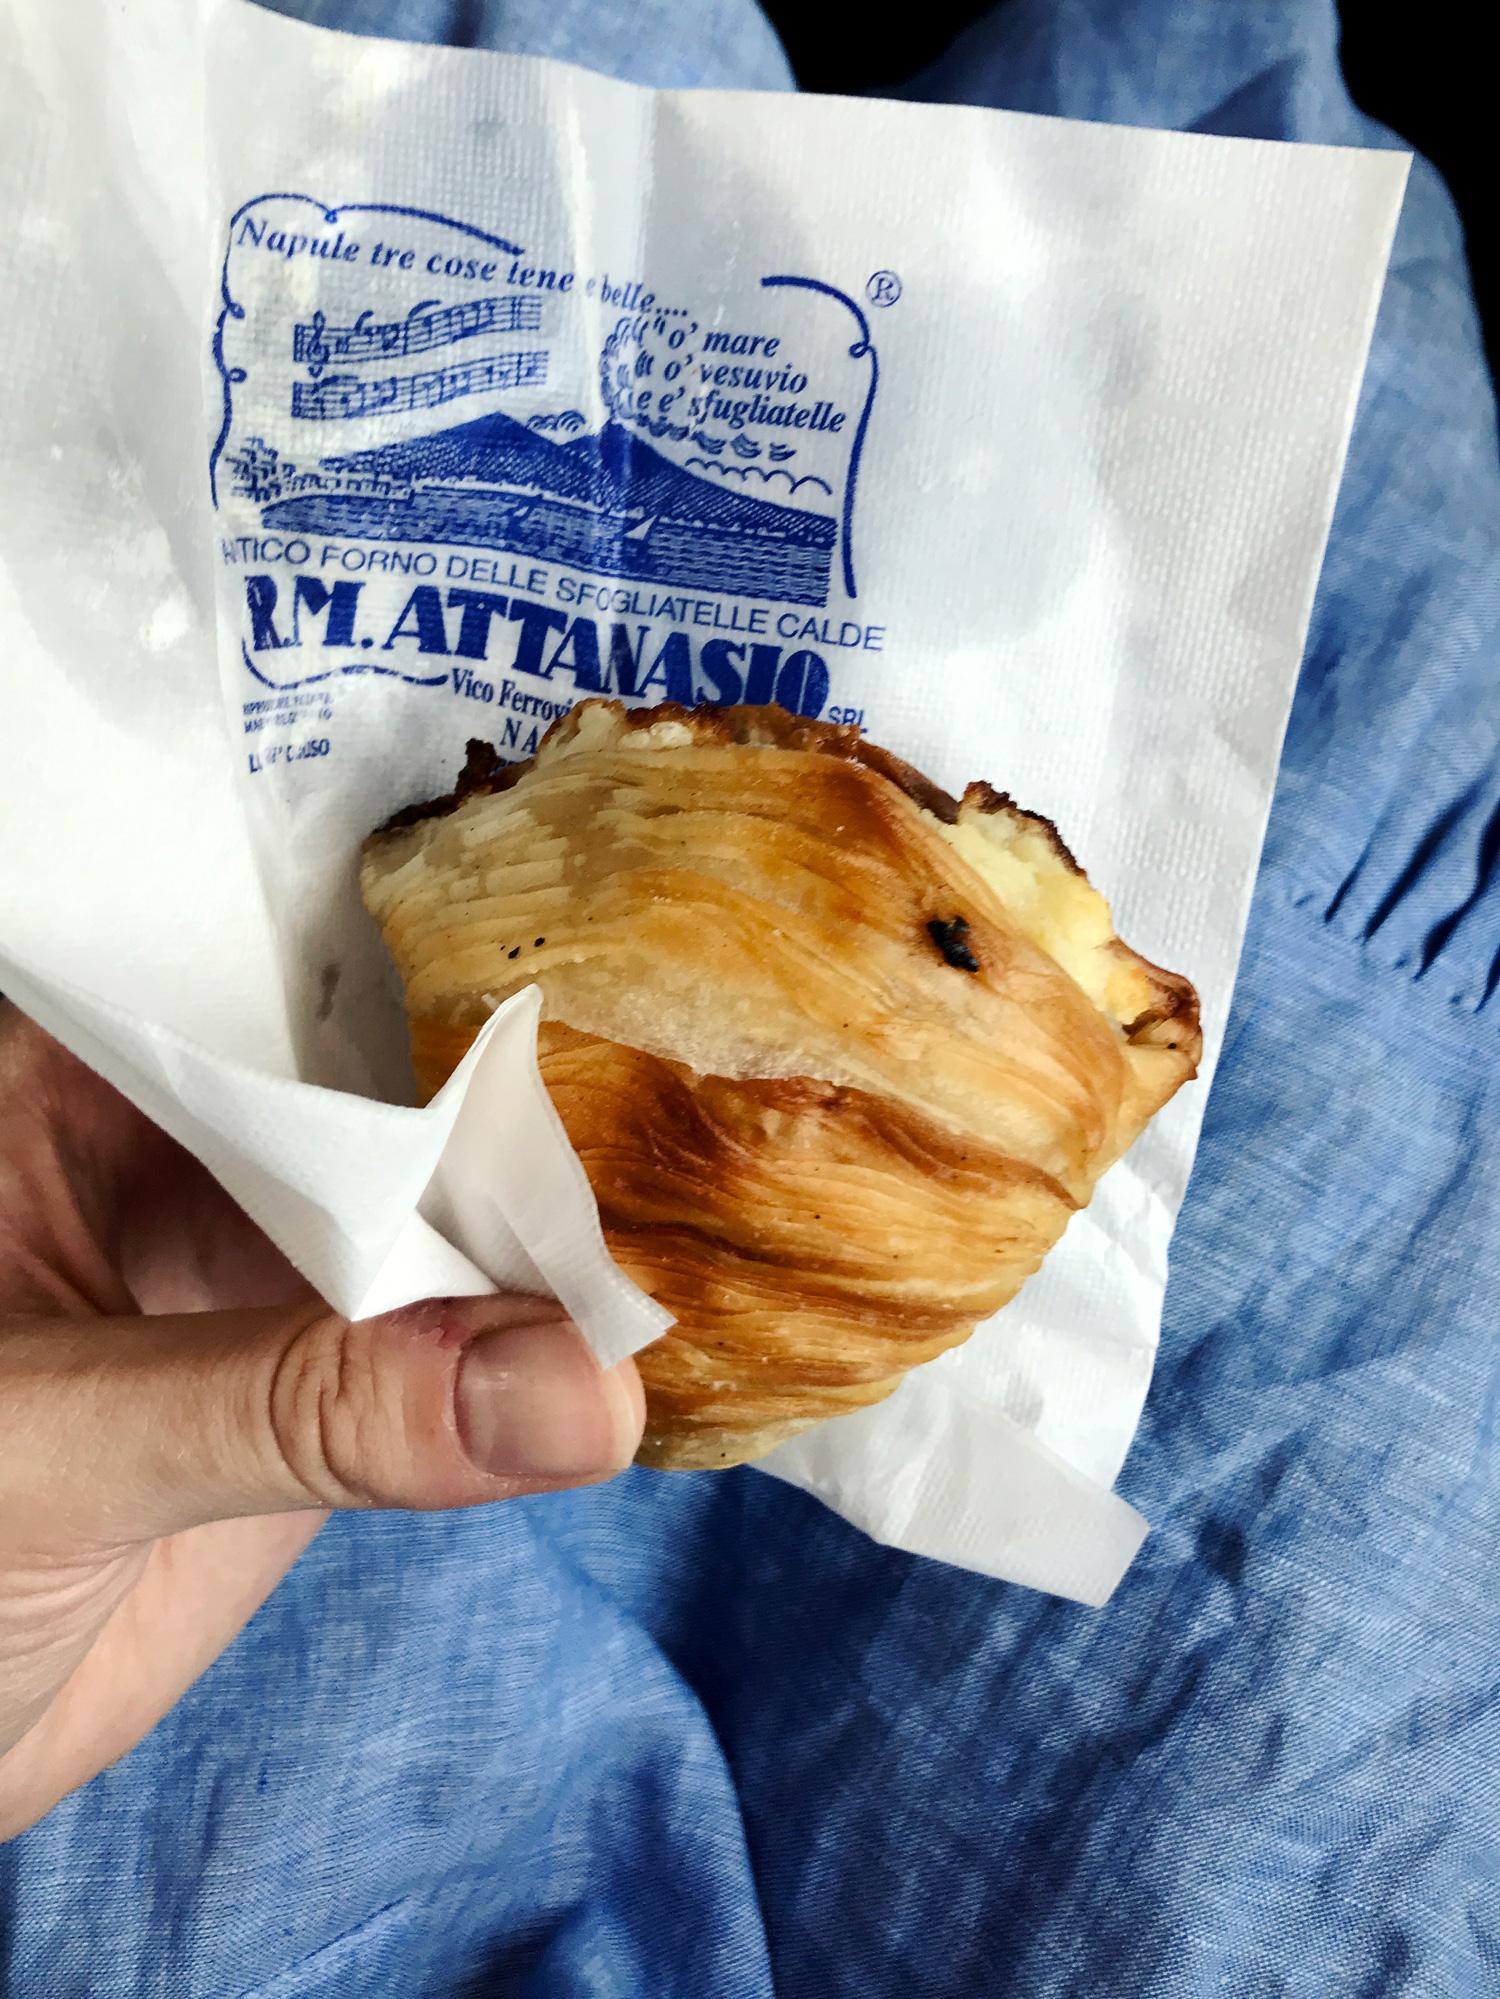 Voitonriemuisena sen kuuluisan leivoksen kanssa. Tuhtia tavaraa.